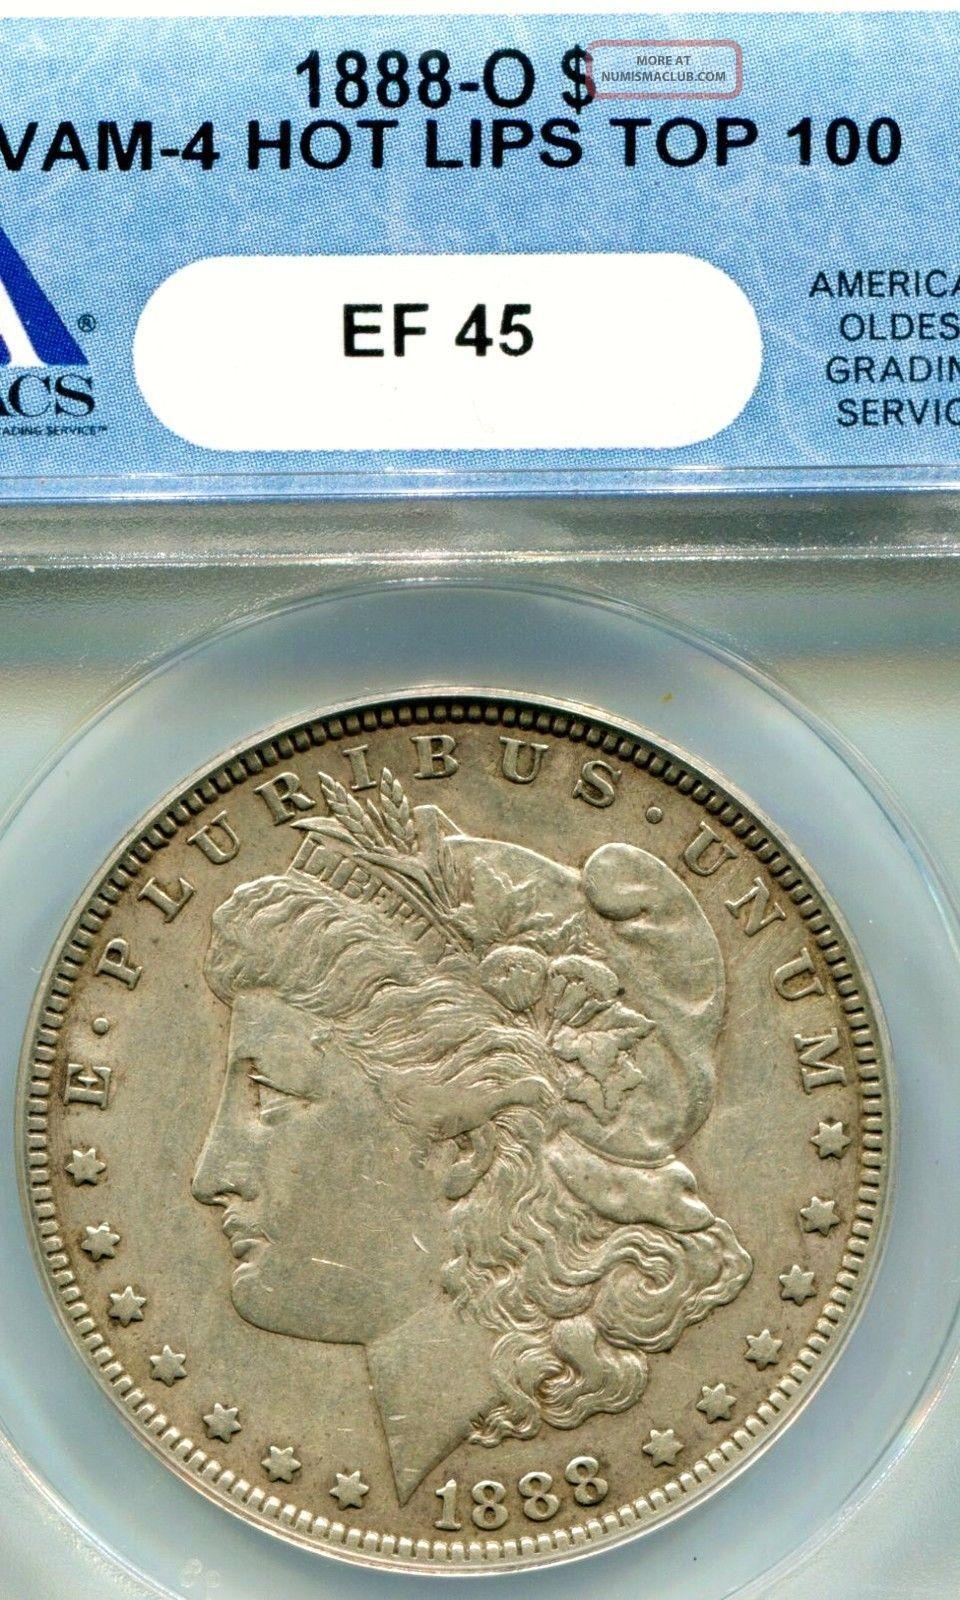 1888 O Hot Lips Morgan Silver Dollar Anacs Xf45 Vam 4